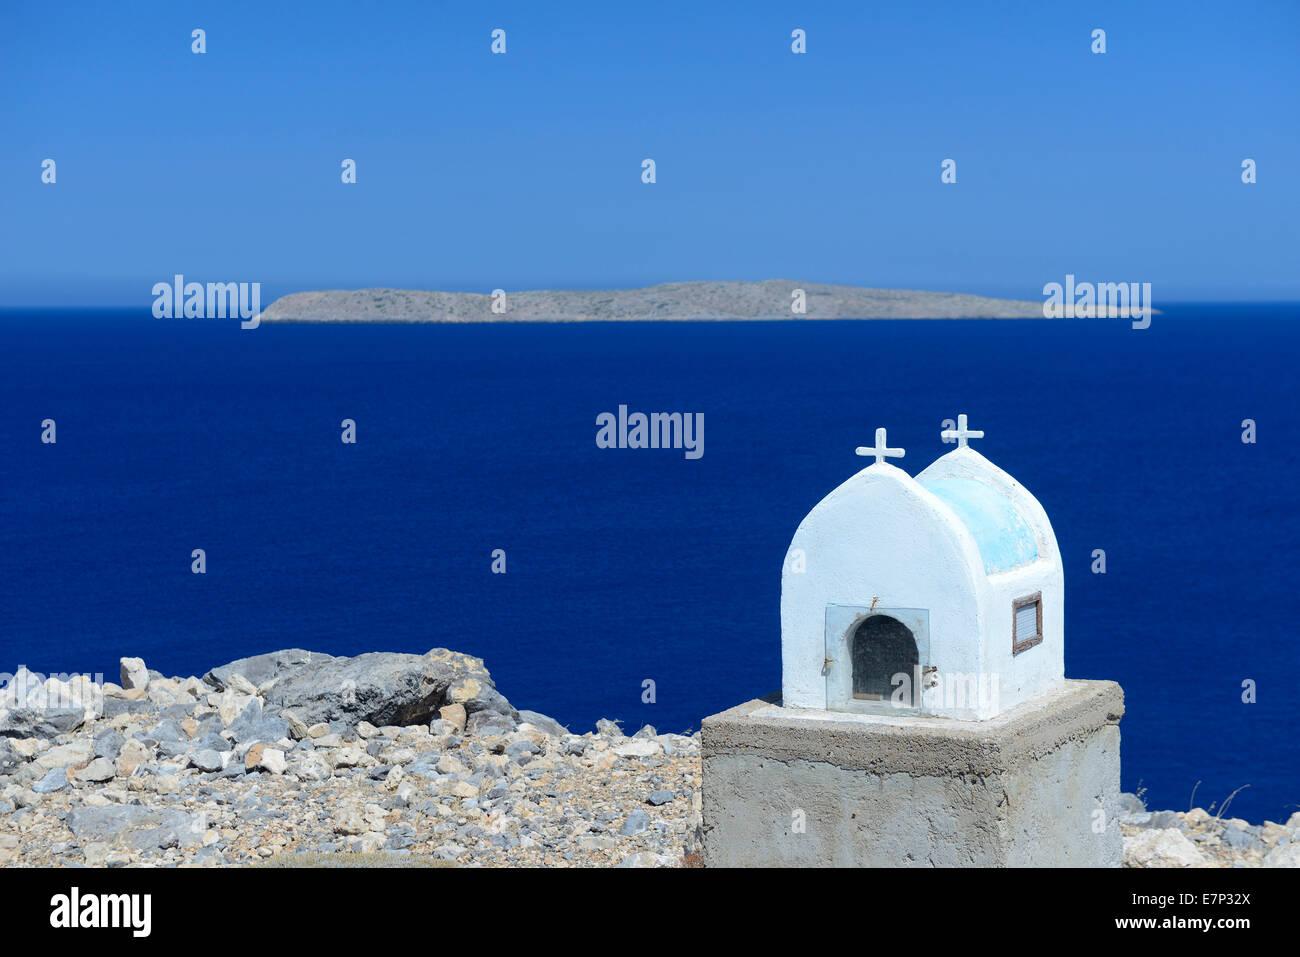 In Europa, in Grecia, greco, Creta, mediterraneo, isola, Itanos, Spiaggia, chiesa, religione, sul mare bianco, Immagini Stock